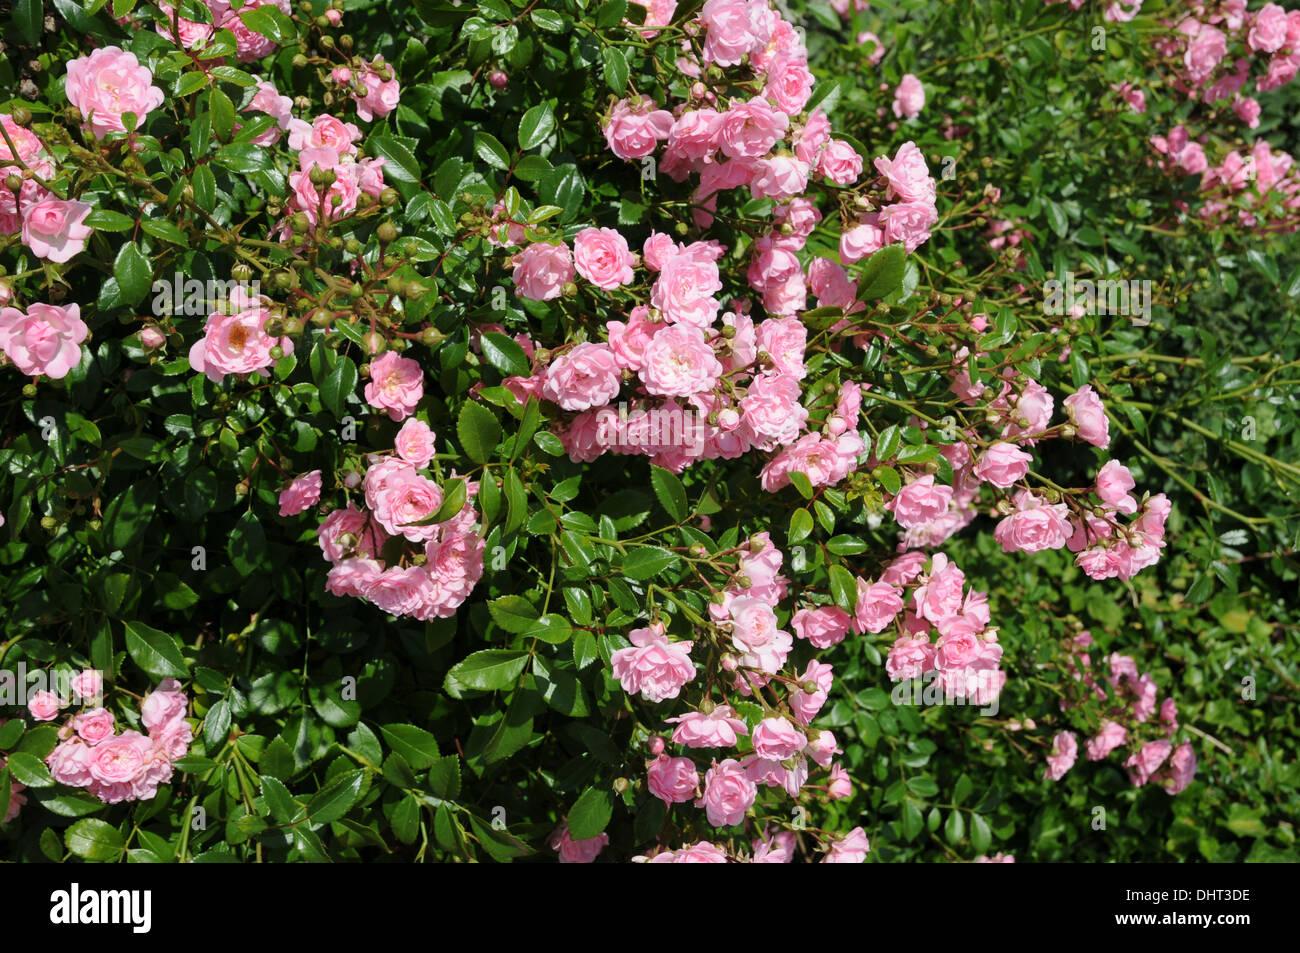 Bodendecker Rosen Stock Photos Bodendecker Rosen Stock Images Alamy